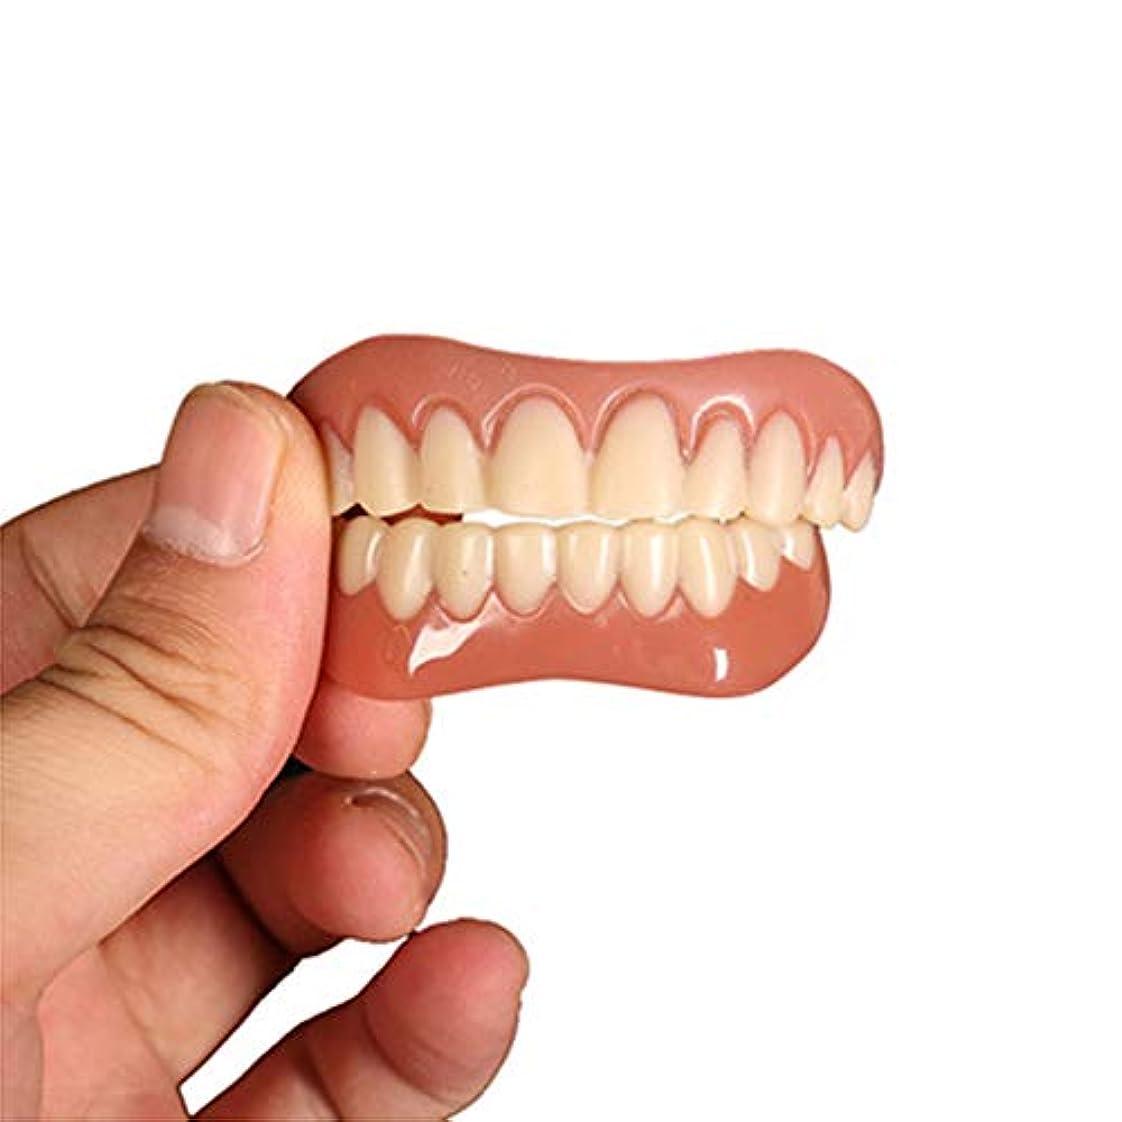 スタウトアンケート器具8セット、化粧品の歯、白い歯をきれいにするための快適さにフィットするフレックス歯のソケット、化粧品の歯義歯の歯のトップ化粧品、